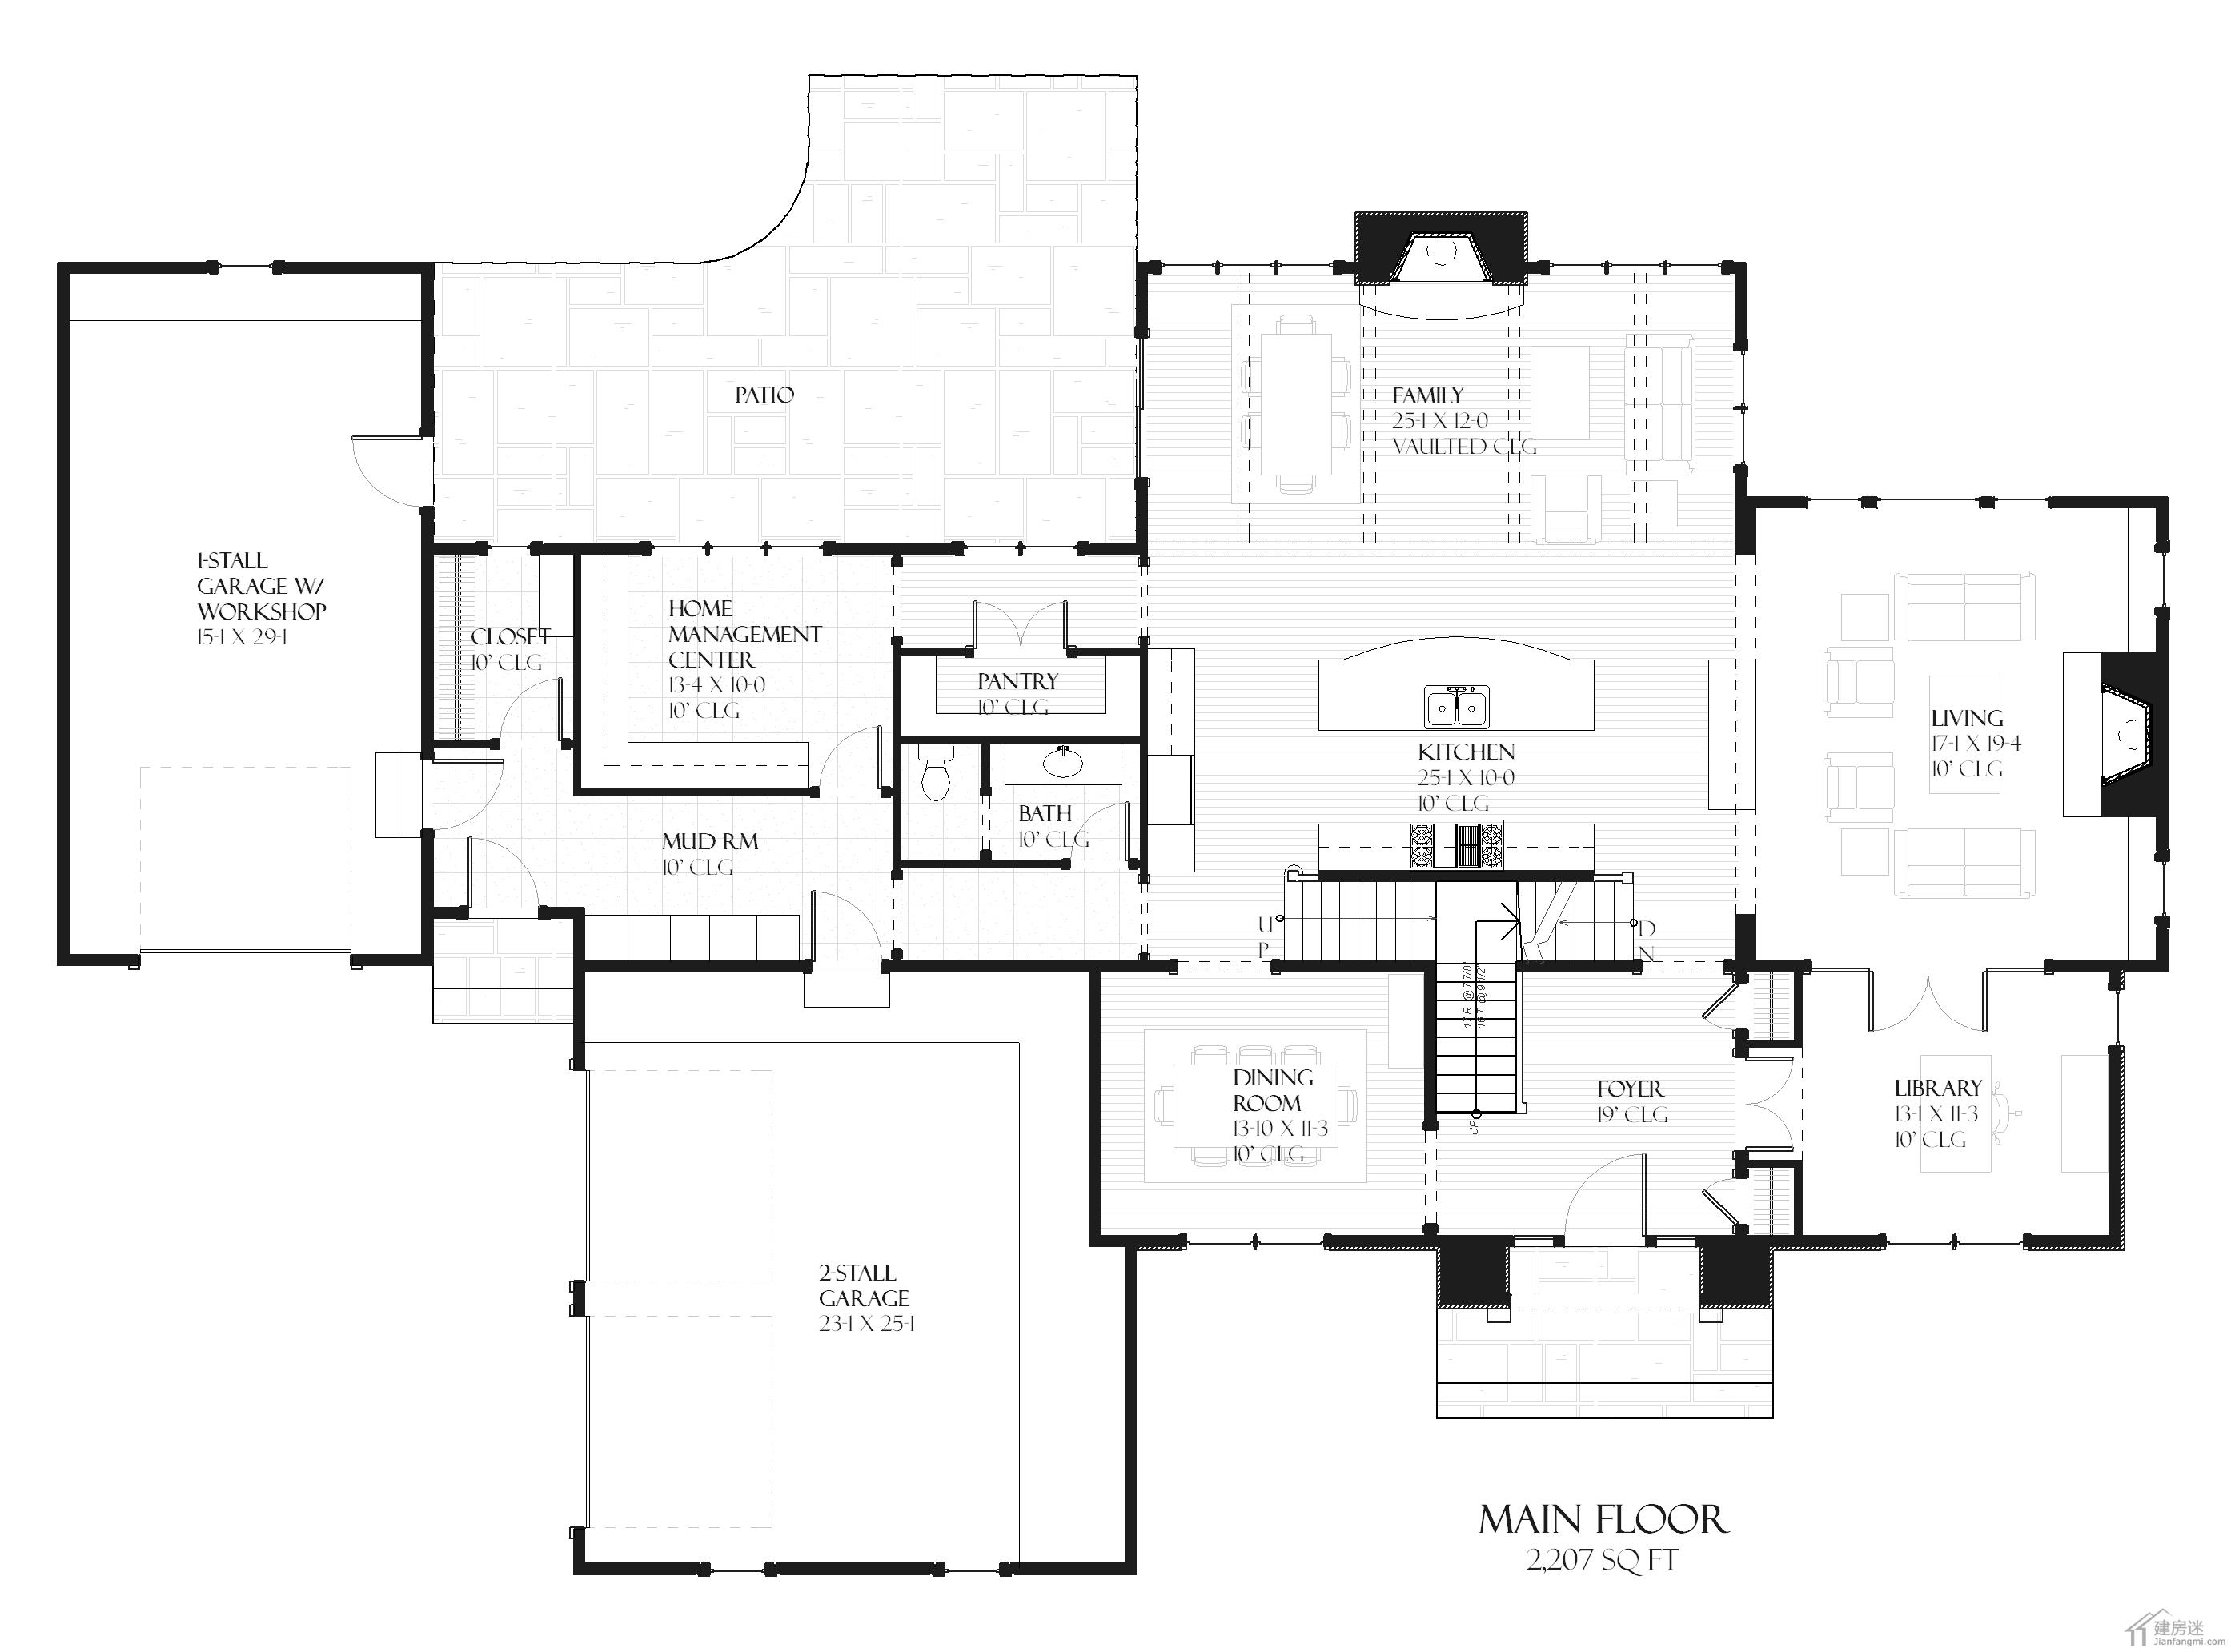 设计图 新农村/新农村自建房设计图500平米27米X18米两层半地下室还双车库...